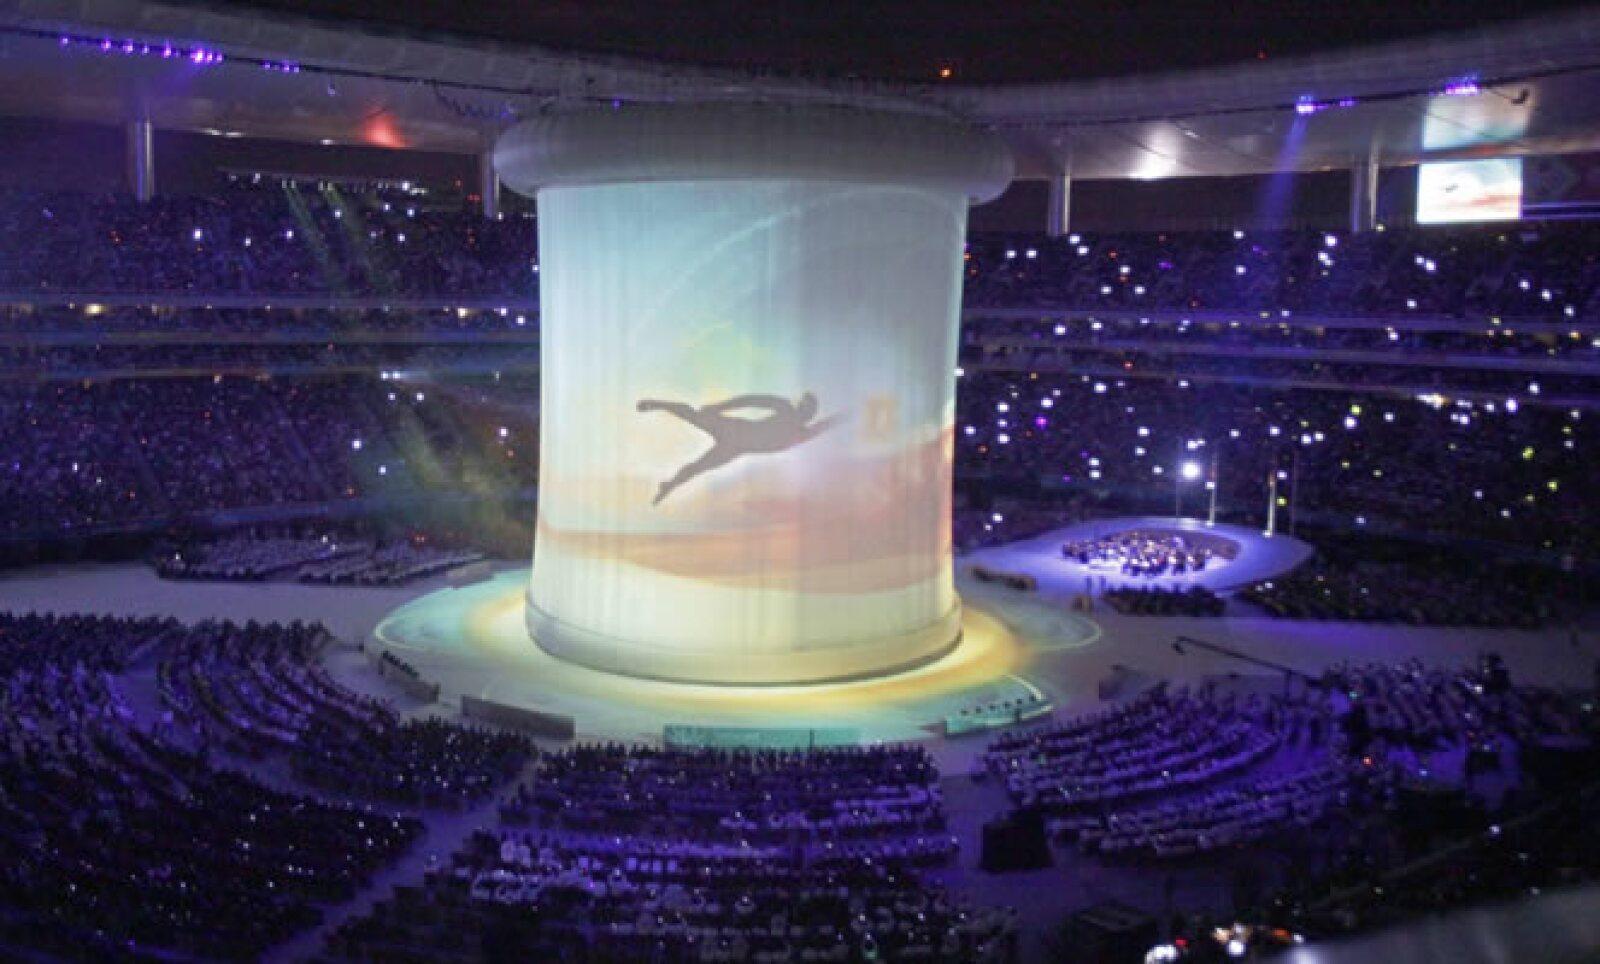 De lo alto del estadio bajó una pantalla gigante donde se reflejaban los deportes que tendrá esta justa. Además se mostró el recorrido del fuego panamericano desde el encendido en Teotihuacán hasta la entrada a Jalisco.